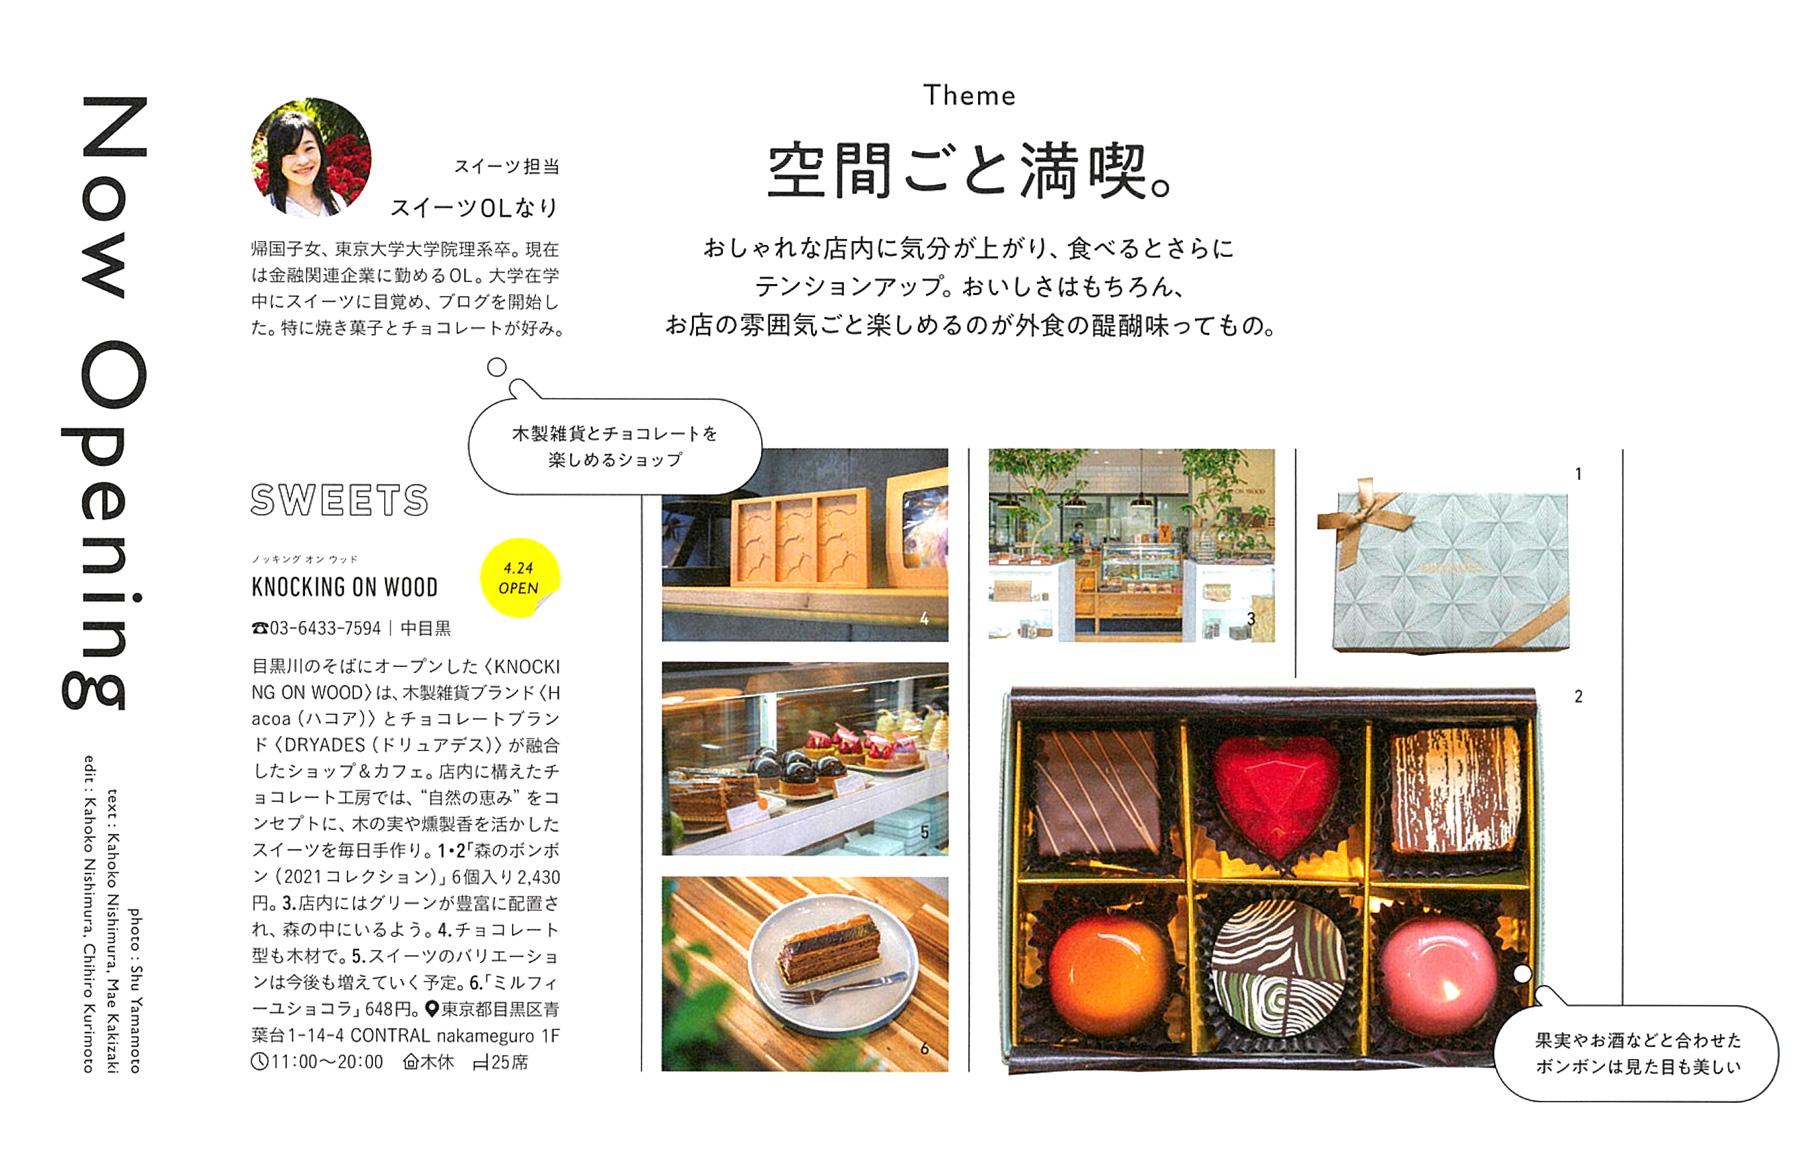 マガジンハウス様発刊「Hanako(ハナコ) 」の2021年7月号